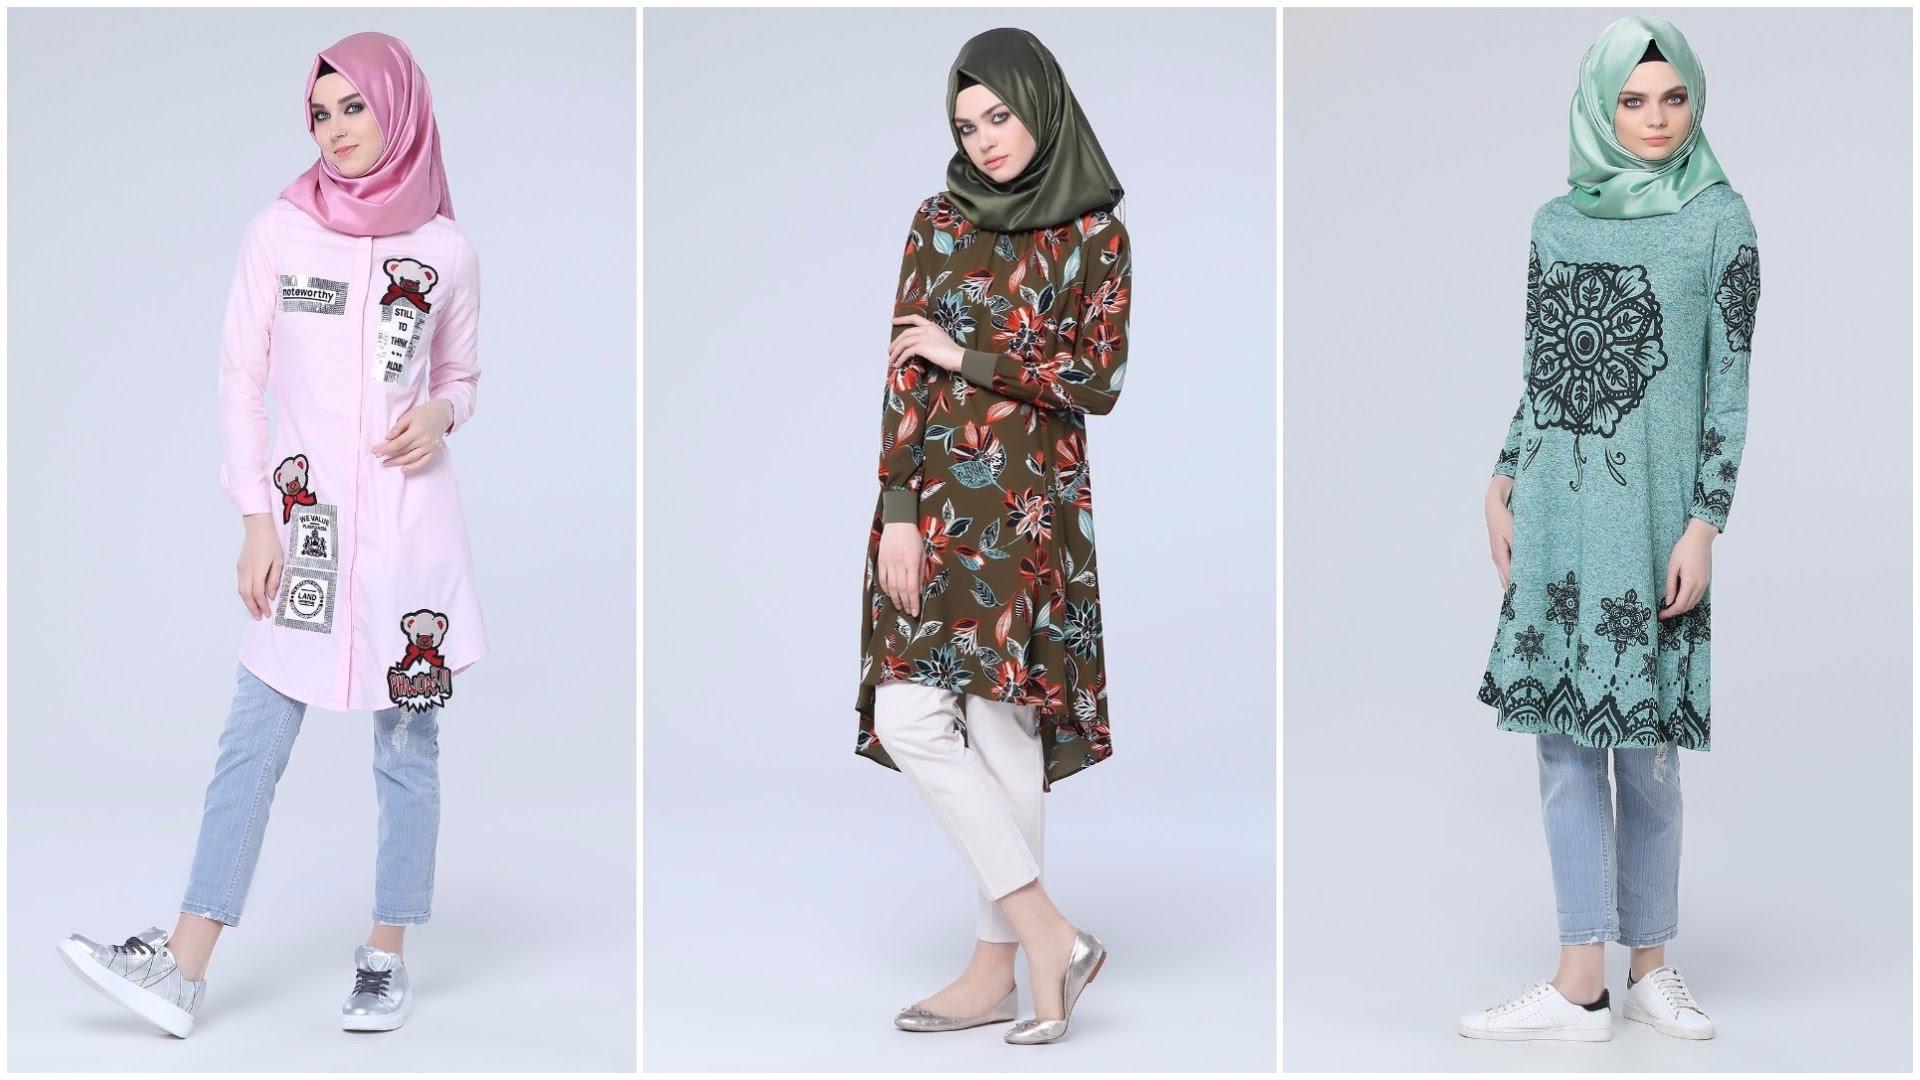 صورة ملابس بنات محجبات , اجمل صور لملابس بنات محجبات